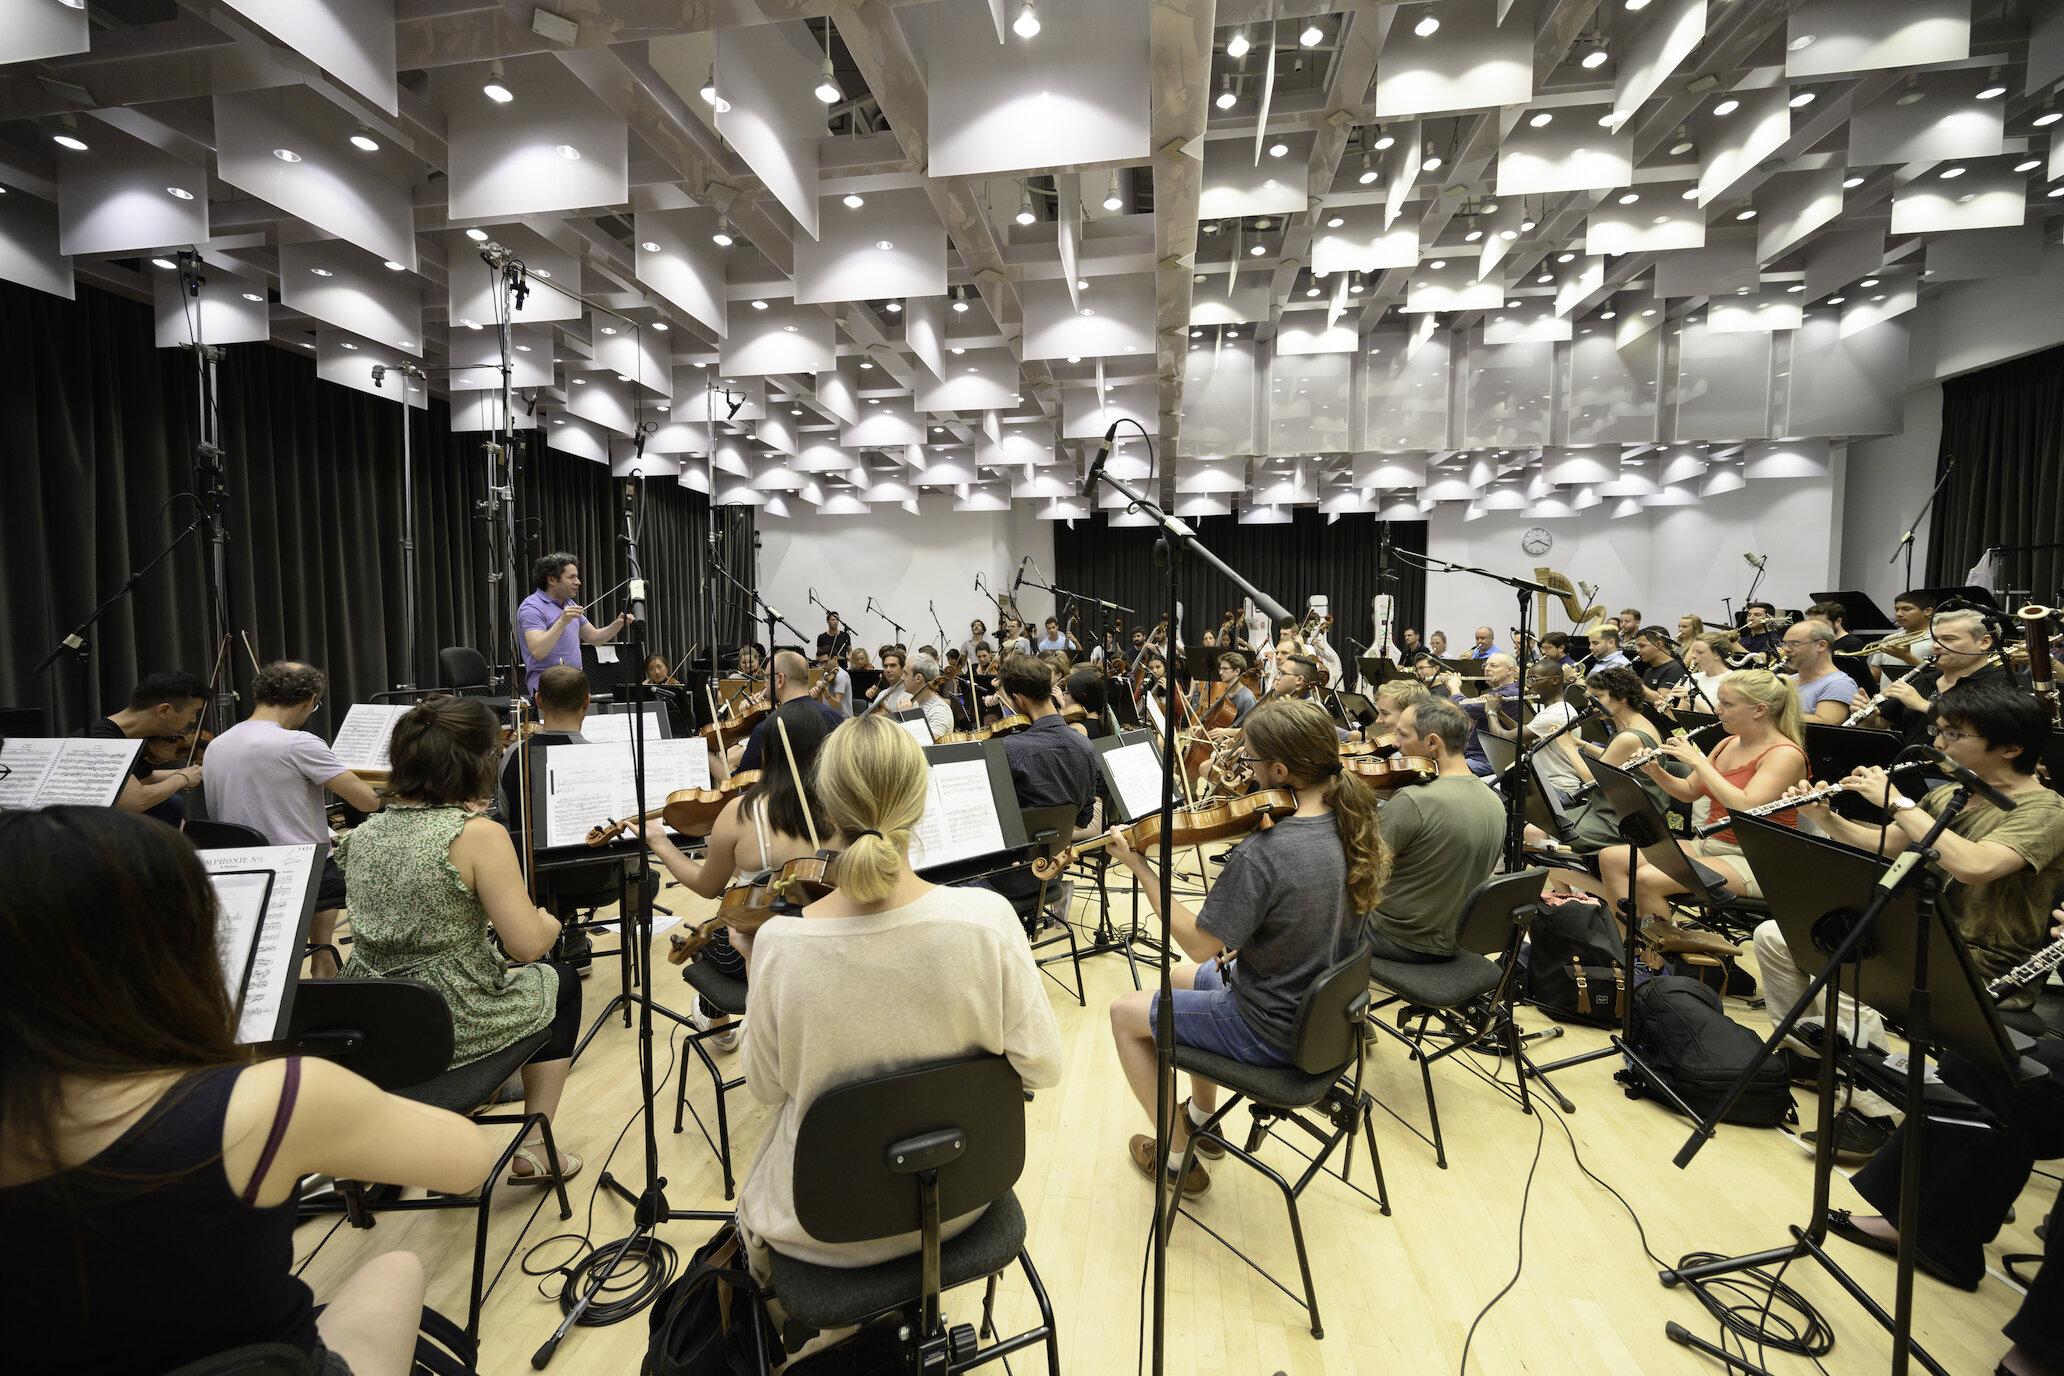 Gustavo Dudamel ensaya con estudiantes y miembros de la Orquesta de Cámara Mahler para el Festival Peralada, agosto 2019. Foto de May Zircus.